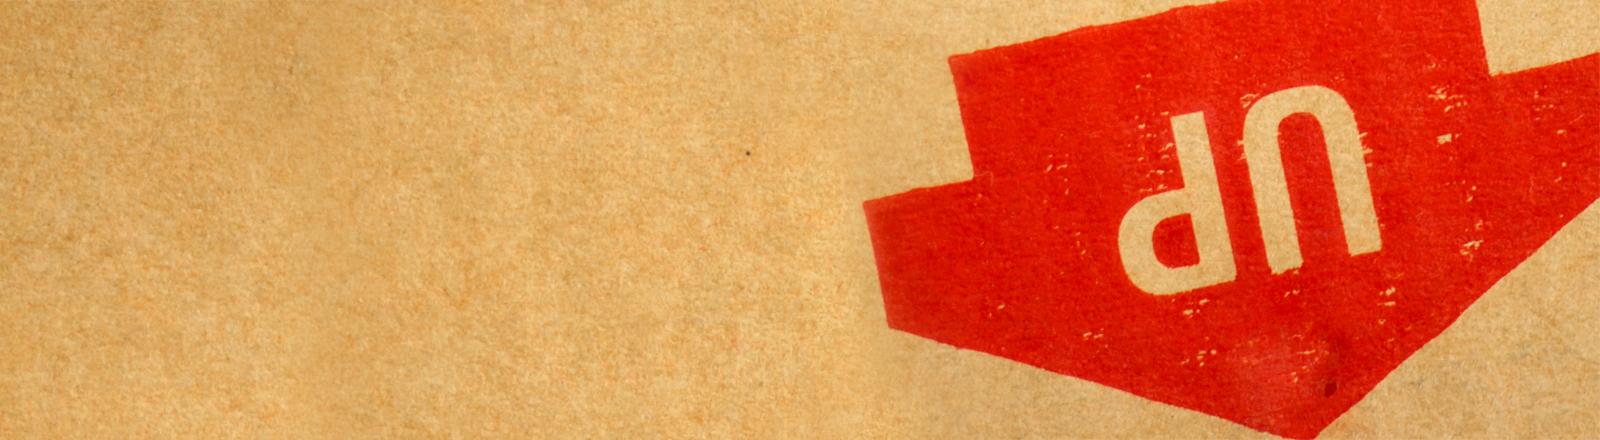 Das Up-Zeichen auf einem Umzugskarton zeigt nach unten.